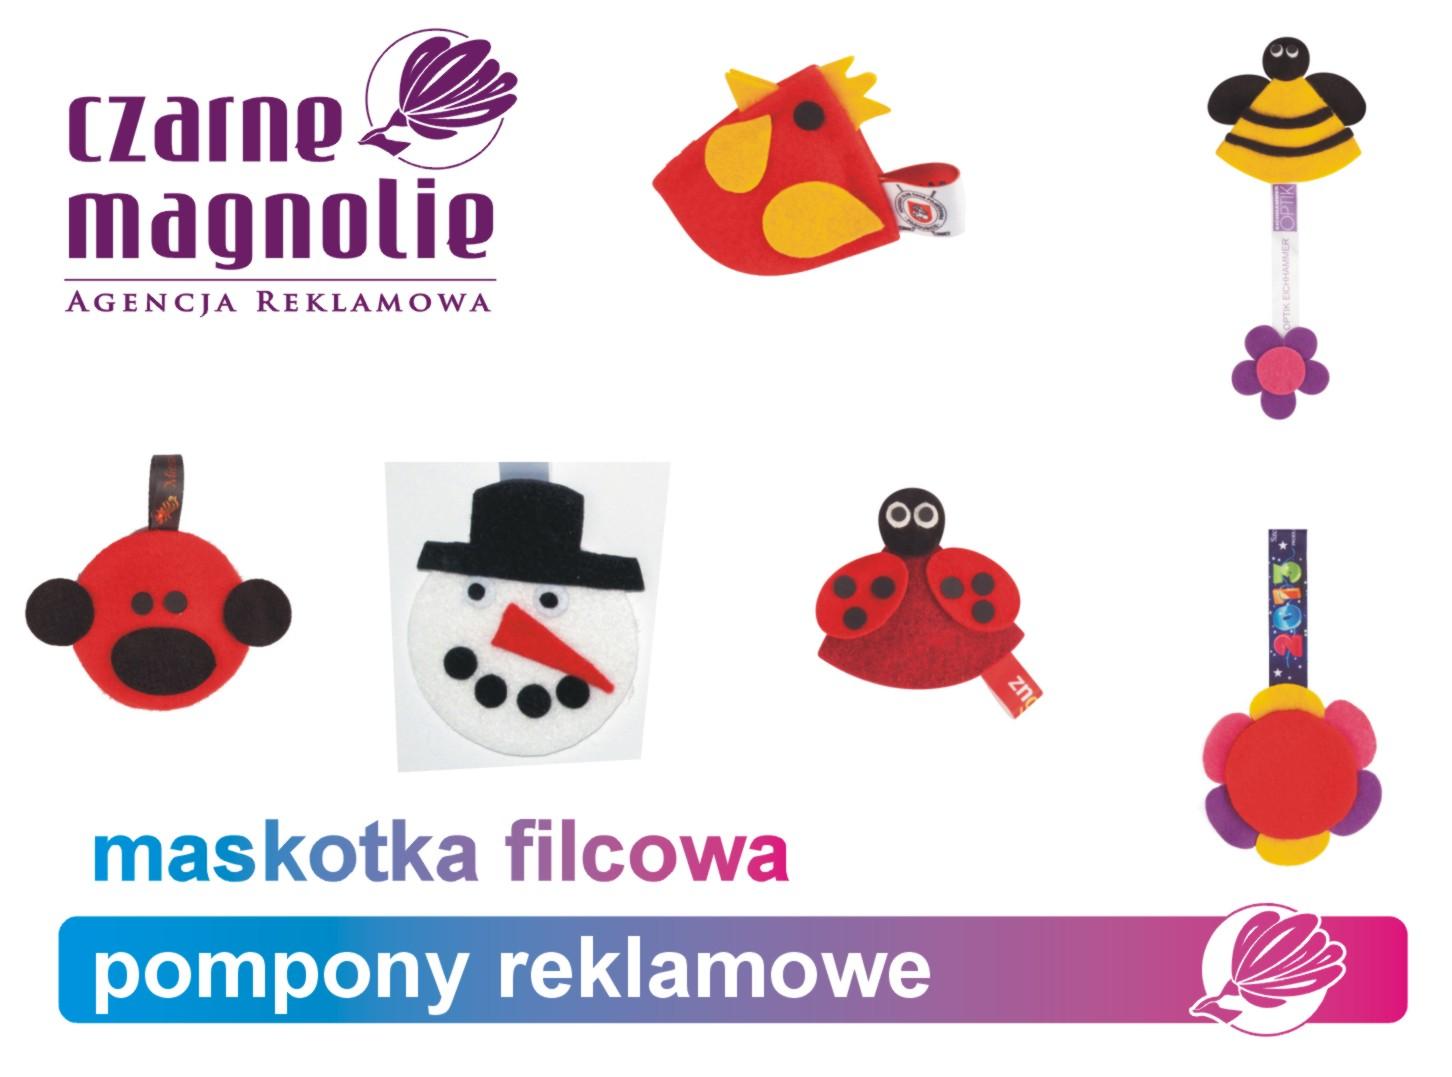 bb170f9286b1d Agencja reklamowa Czarne Magnolie poleca maskotkę filcową o różnorodnych  kształtach która może być broszką lub kotylionem. Istnieje możliwość  modyfikacji ...